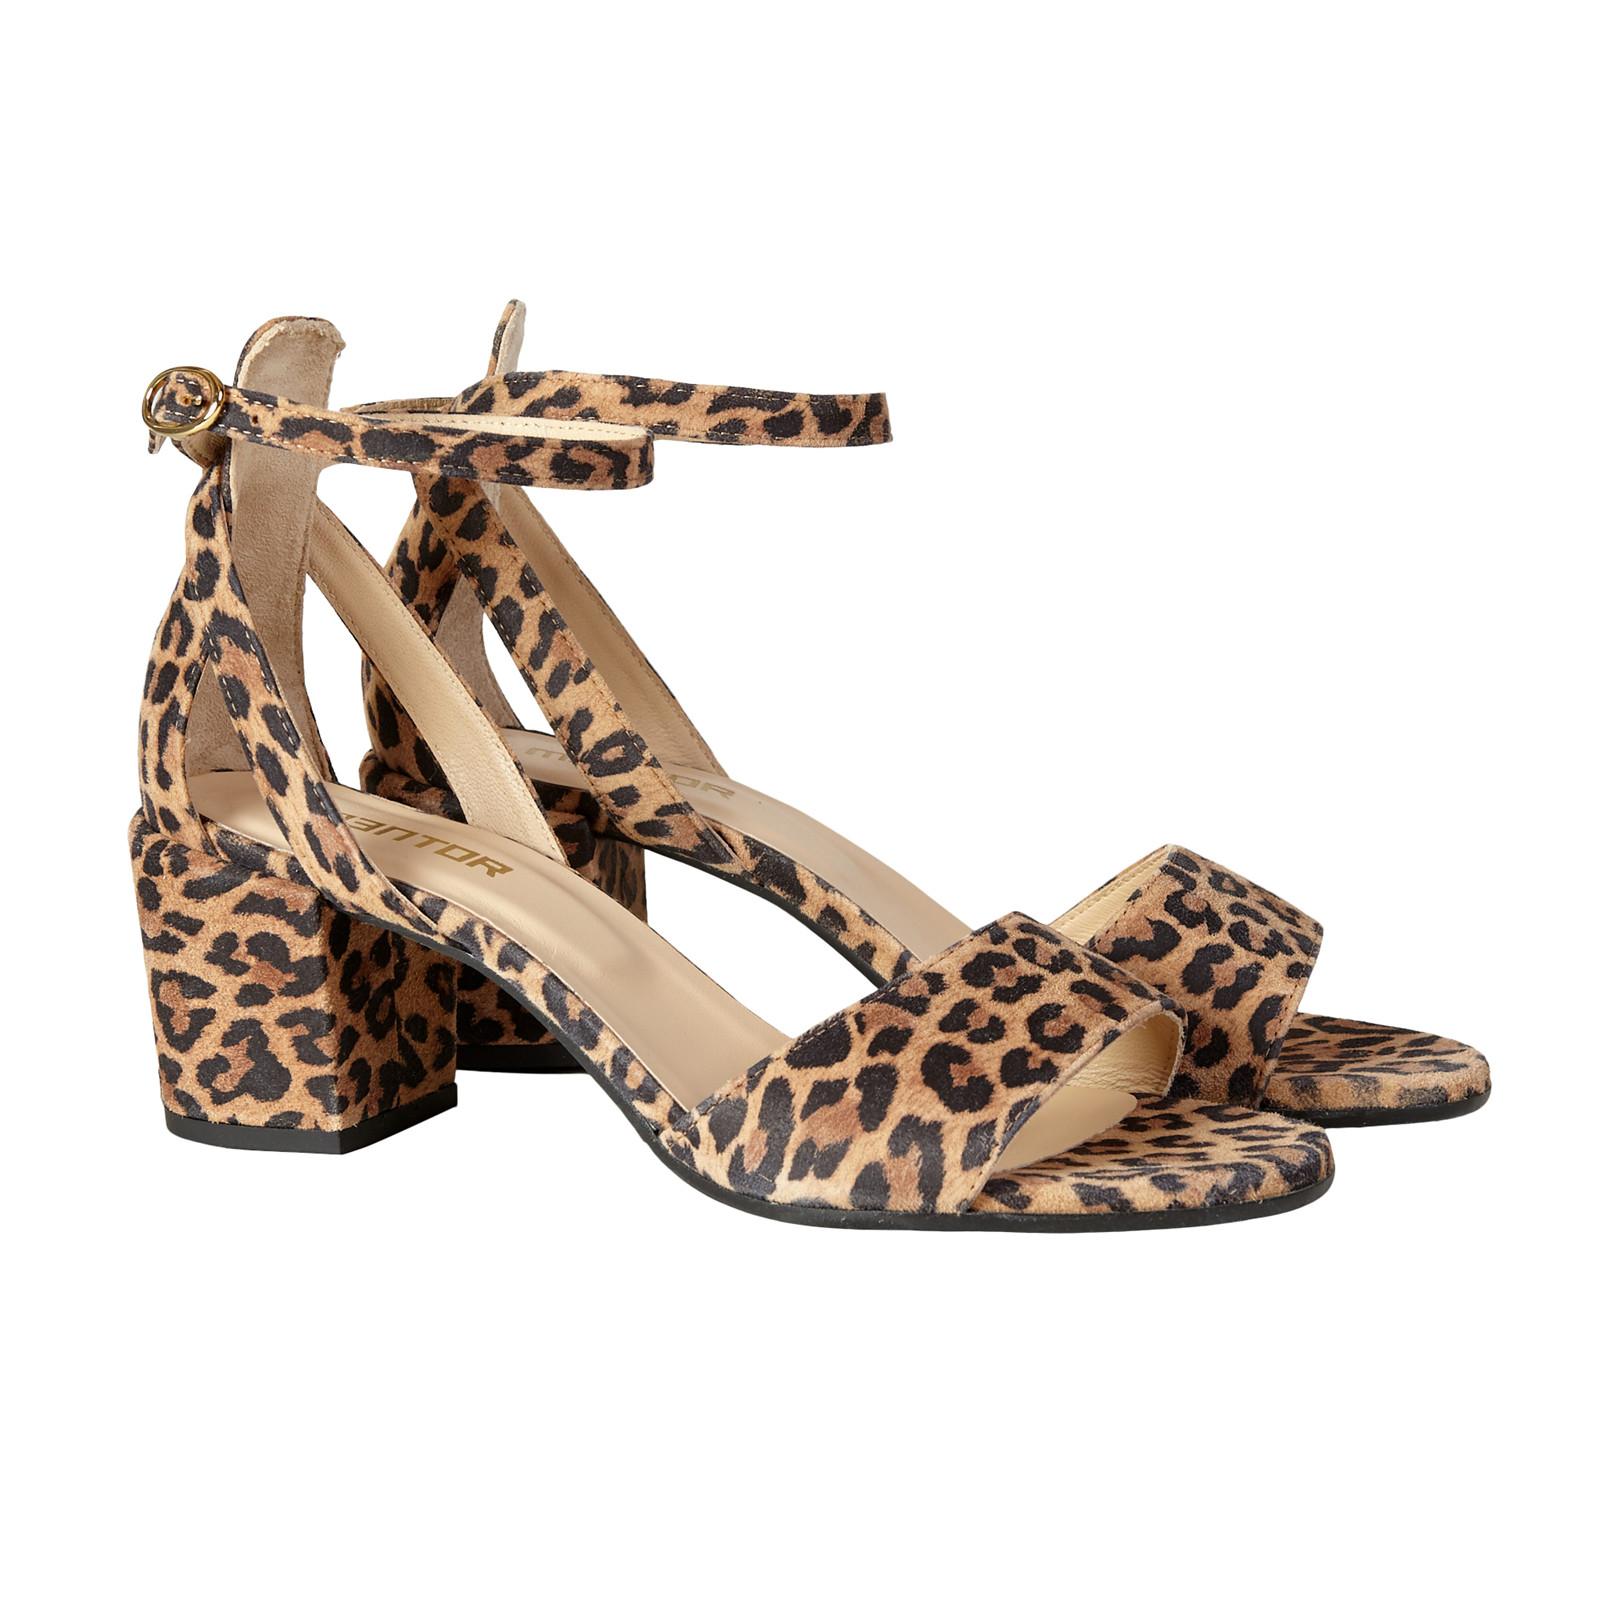 82a61b7adf8 Chelsea Boot ruskindsstøvler fra Mentor   Køb online